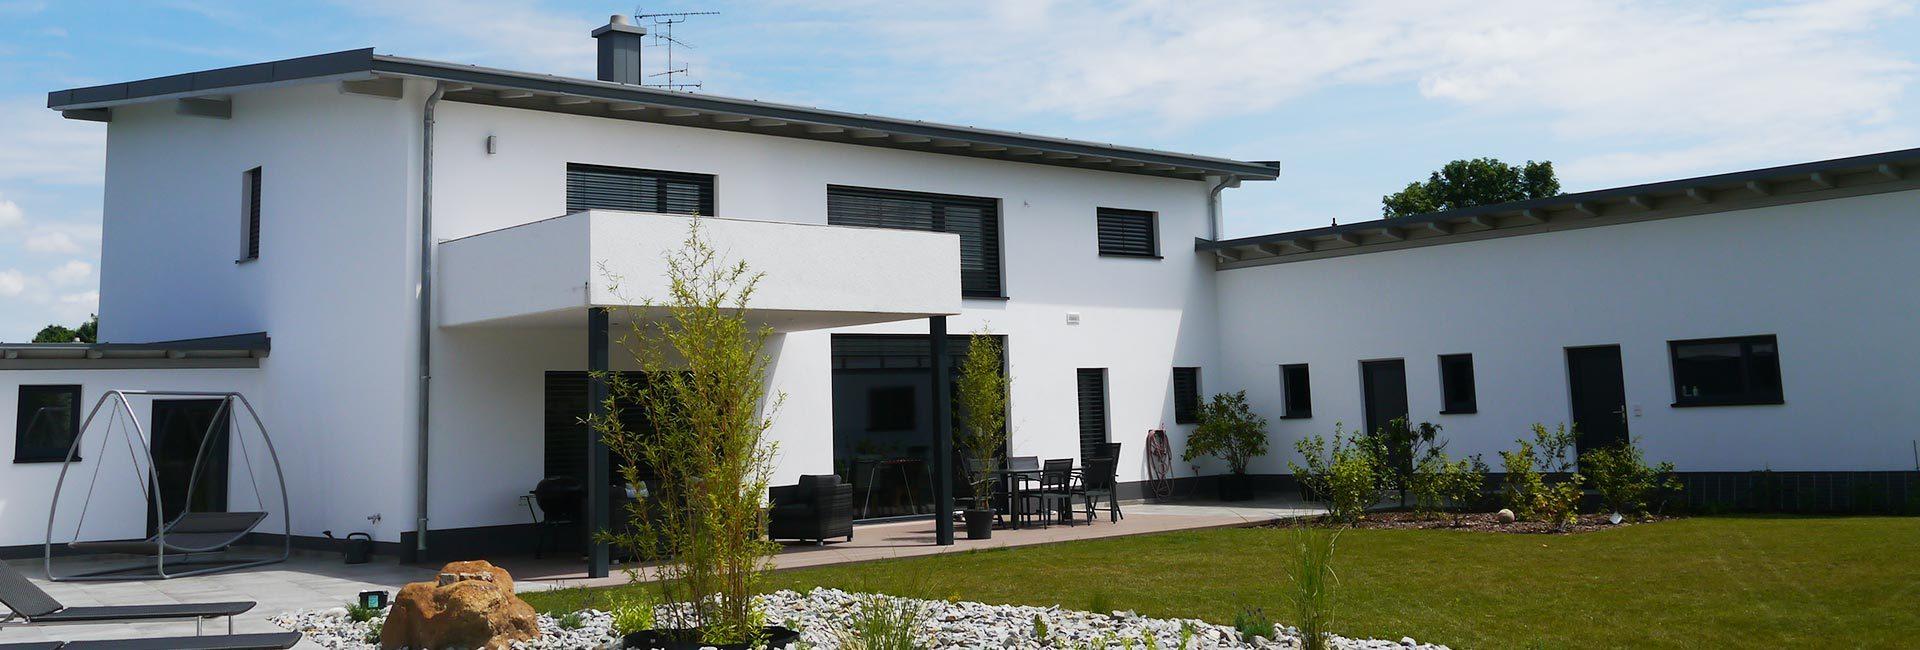 Garten eines Einfamilienhauses der Duldinger Bau GmbH in Triftern